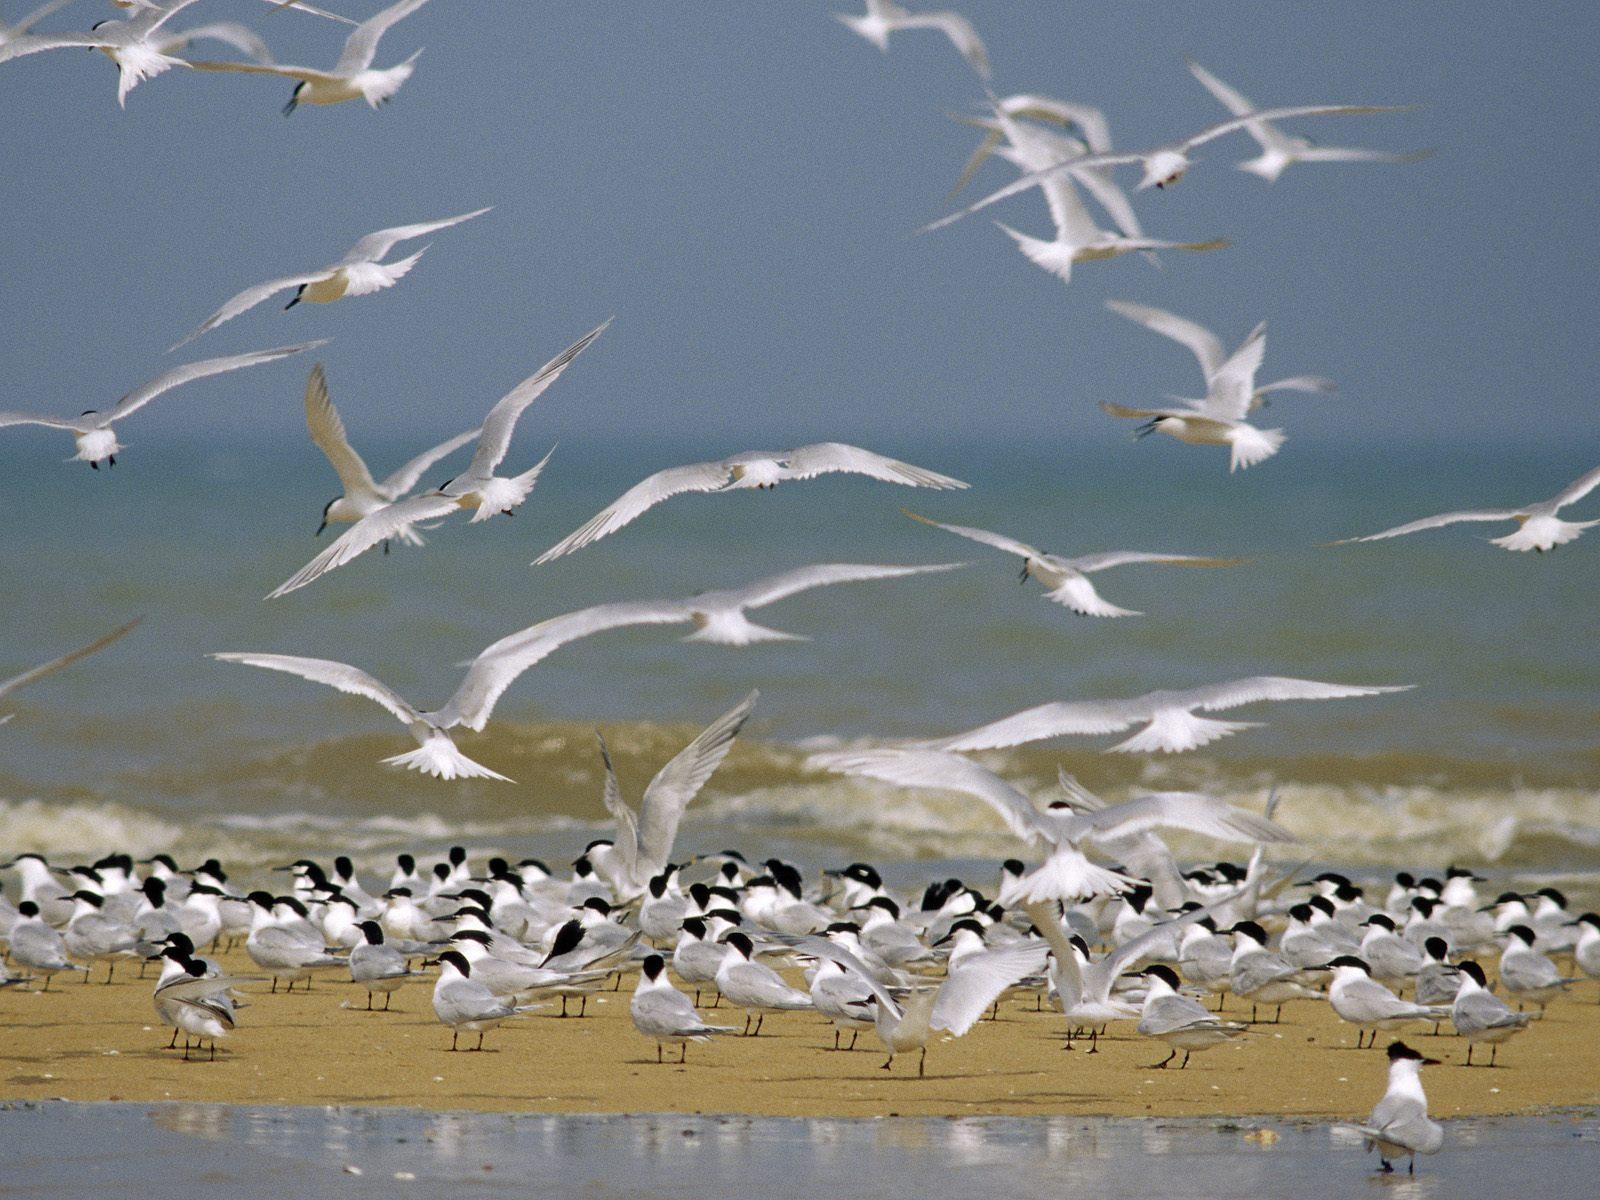 http://2.bp.blogspot.com/_sz2fJjO1XW8/THPiHvuC2PI/AAAAAAAAB9I/WUqOBszucww/s1600/Windows_7_Wallpaper_-_Beach_Seagulls.jpg